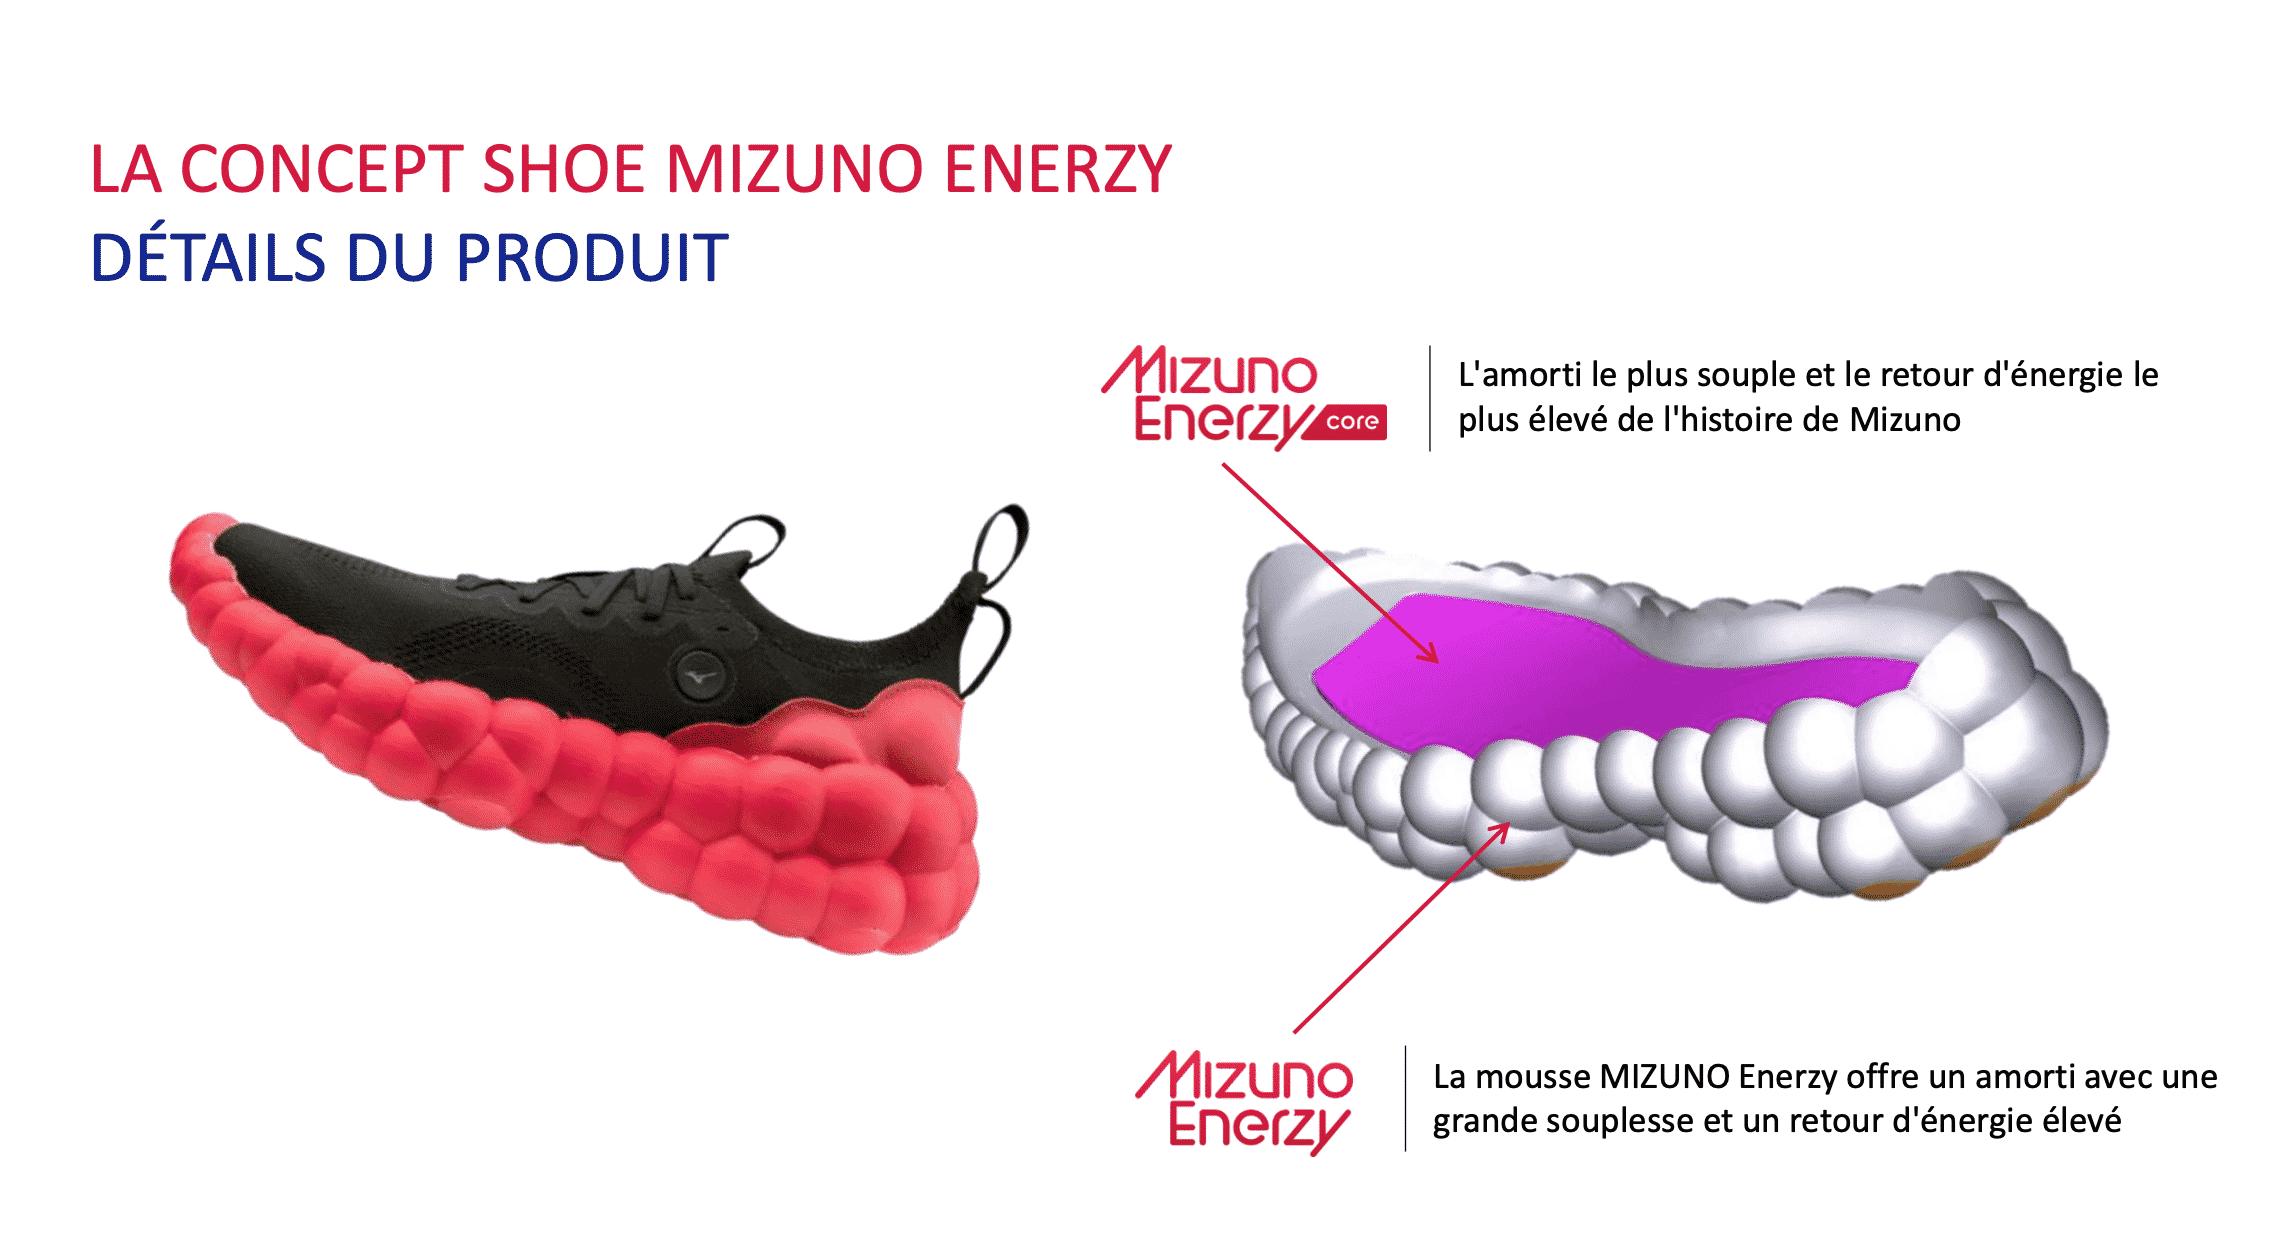 mizuno-enerzy-la-nouvelle-technologie-revolutionnaire-pour-les-chaussures-de-volley-5